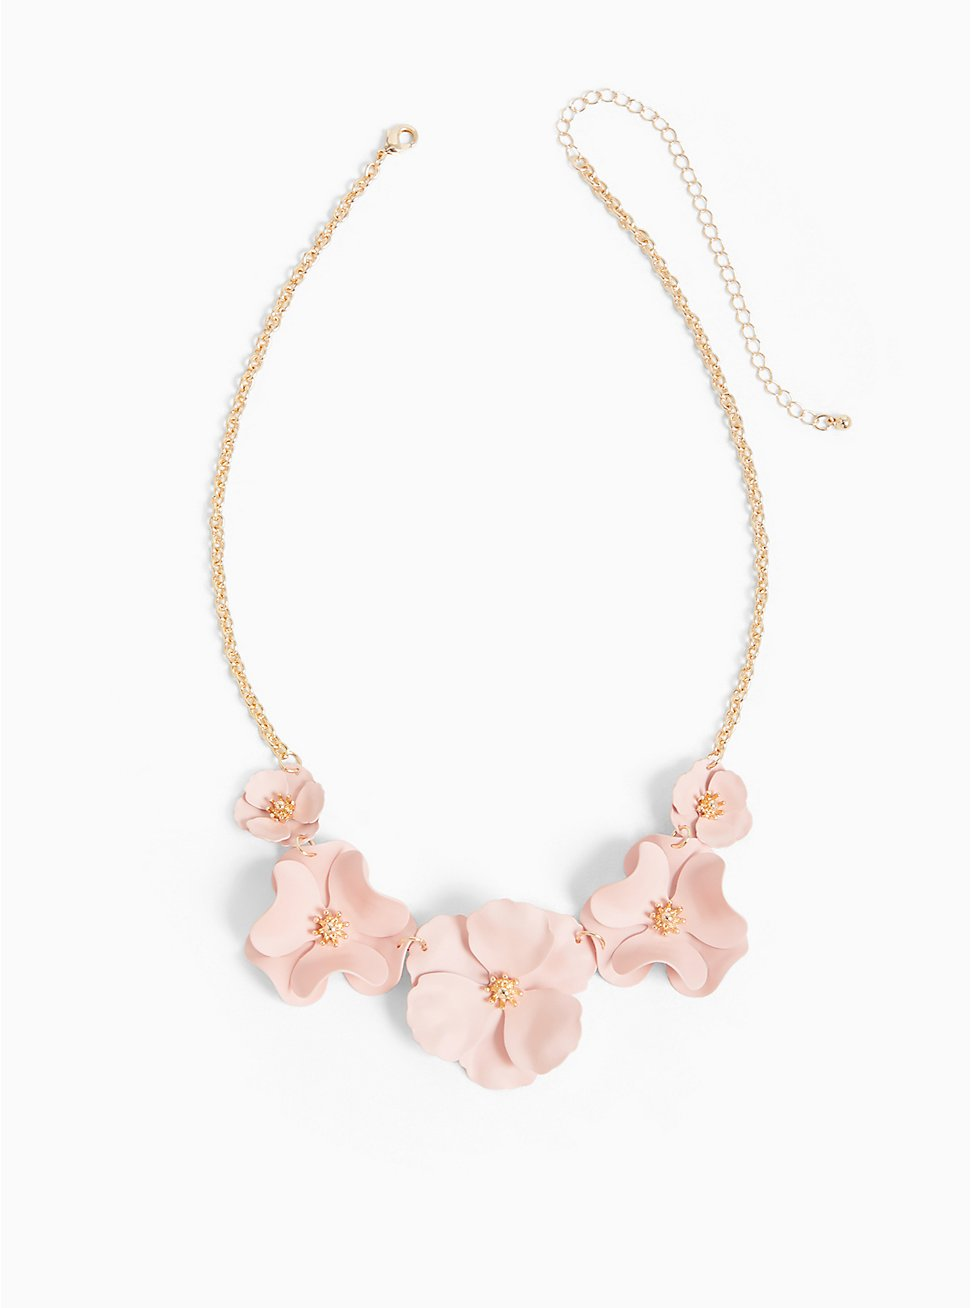 Plus Size Gold-Tone & Pink Matte Floral Statement Necklace, , hi-res